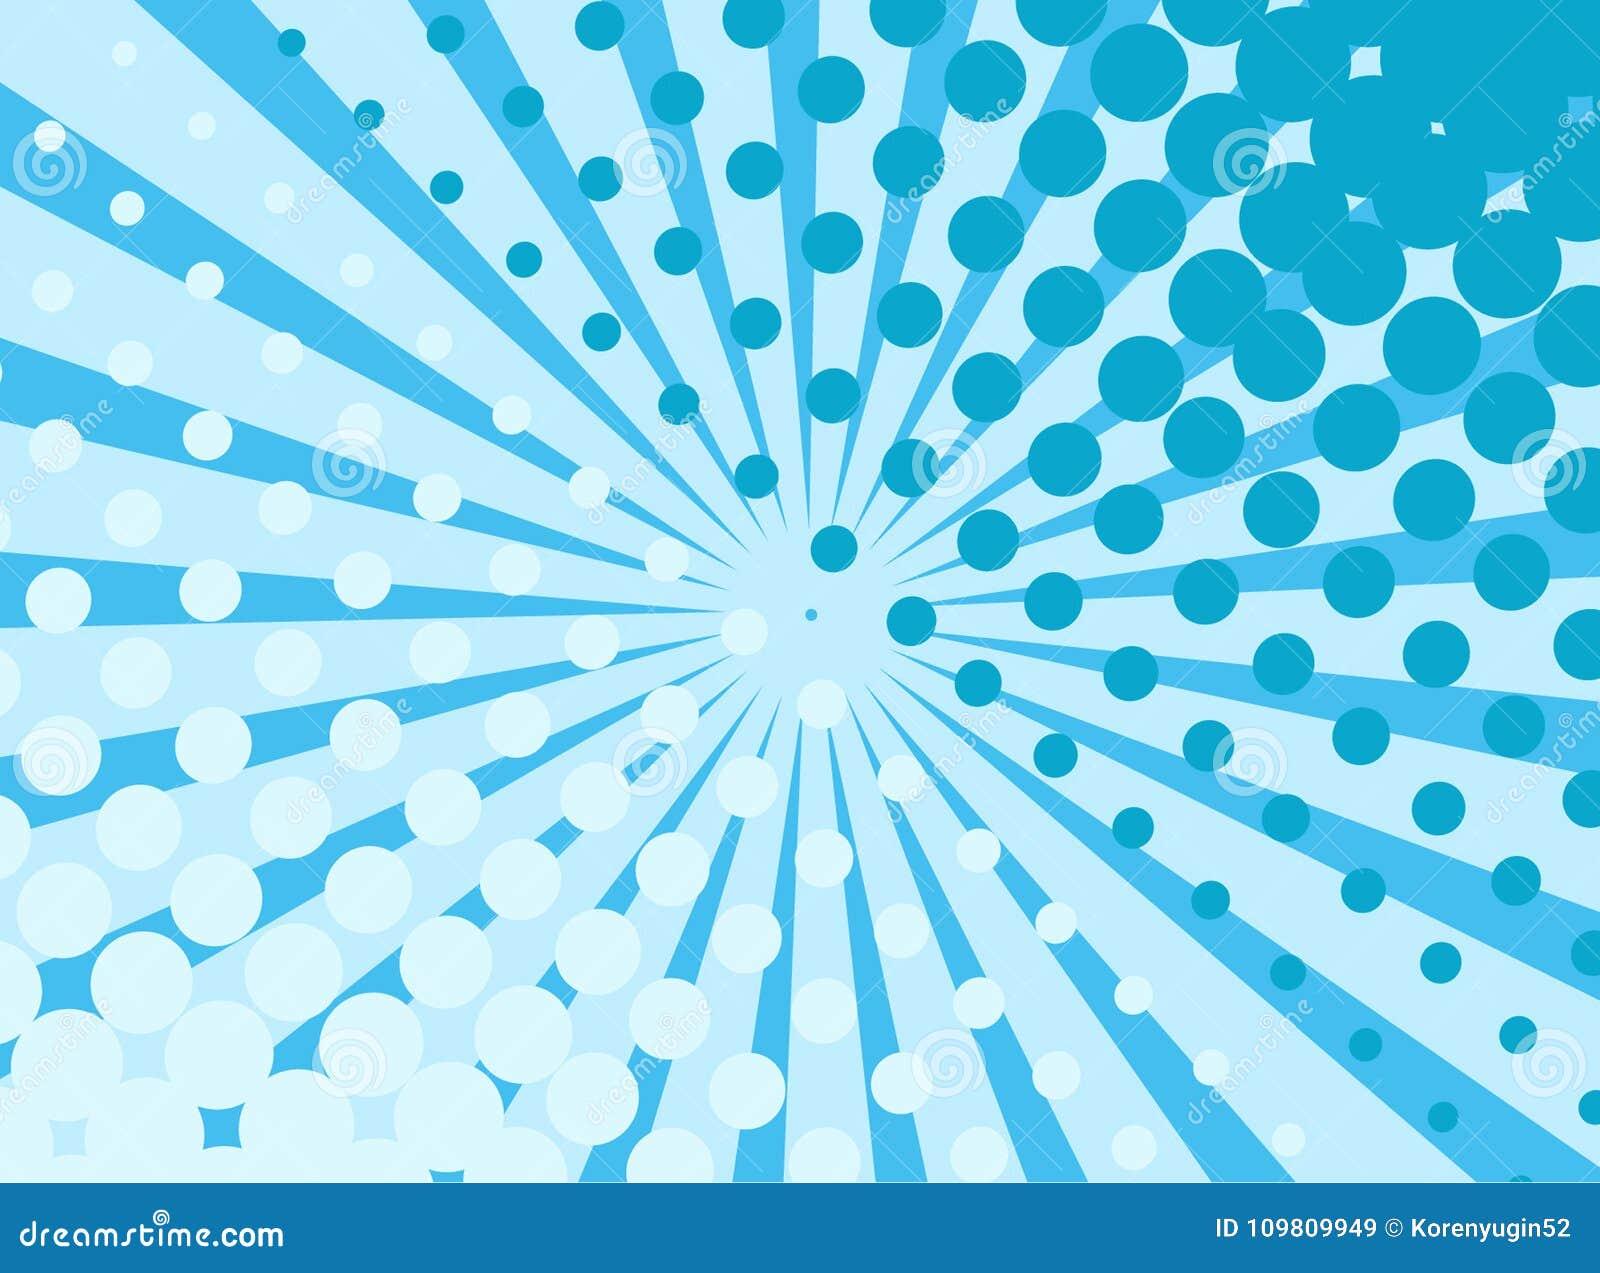 Fond bleu d art de bruit rétro avec les rayons et les points de explosion comiques